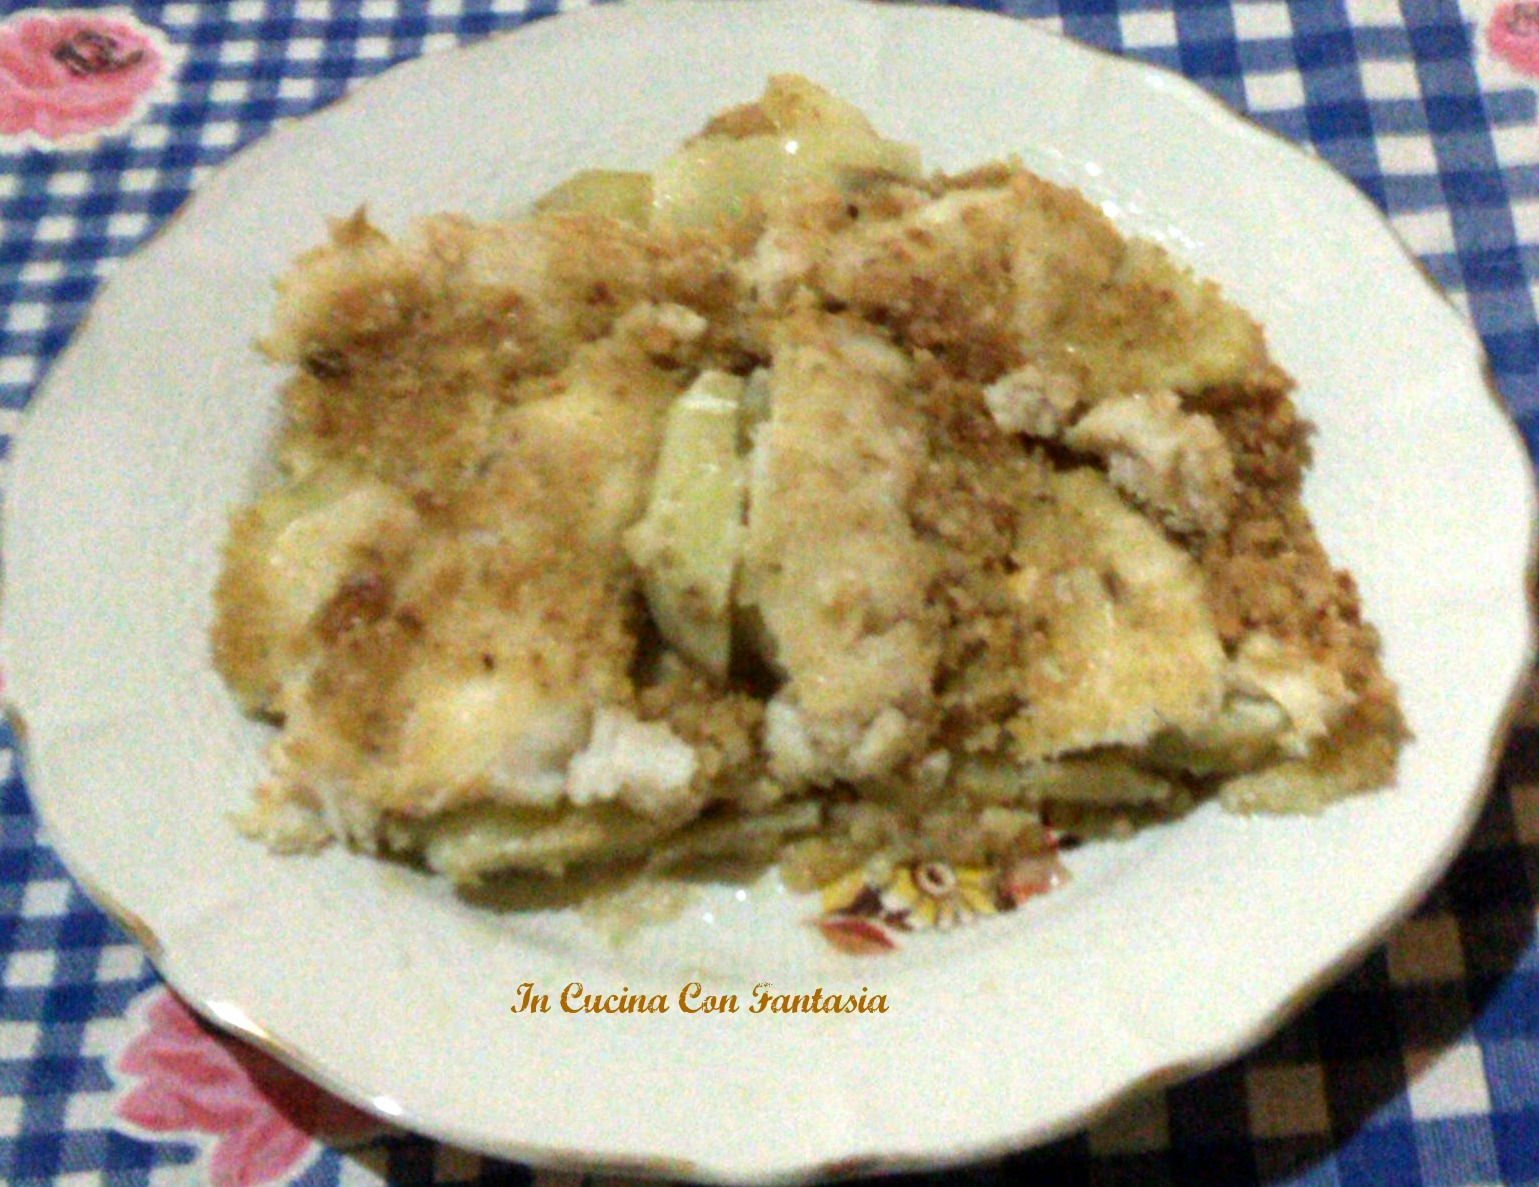 Ricerca ricette con merluzzo gratinato for Casa del merluzzo